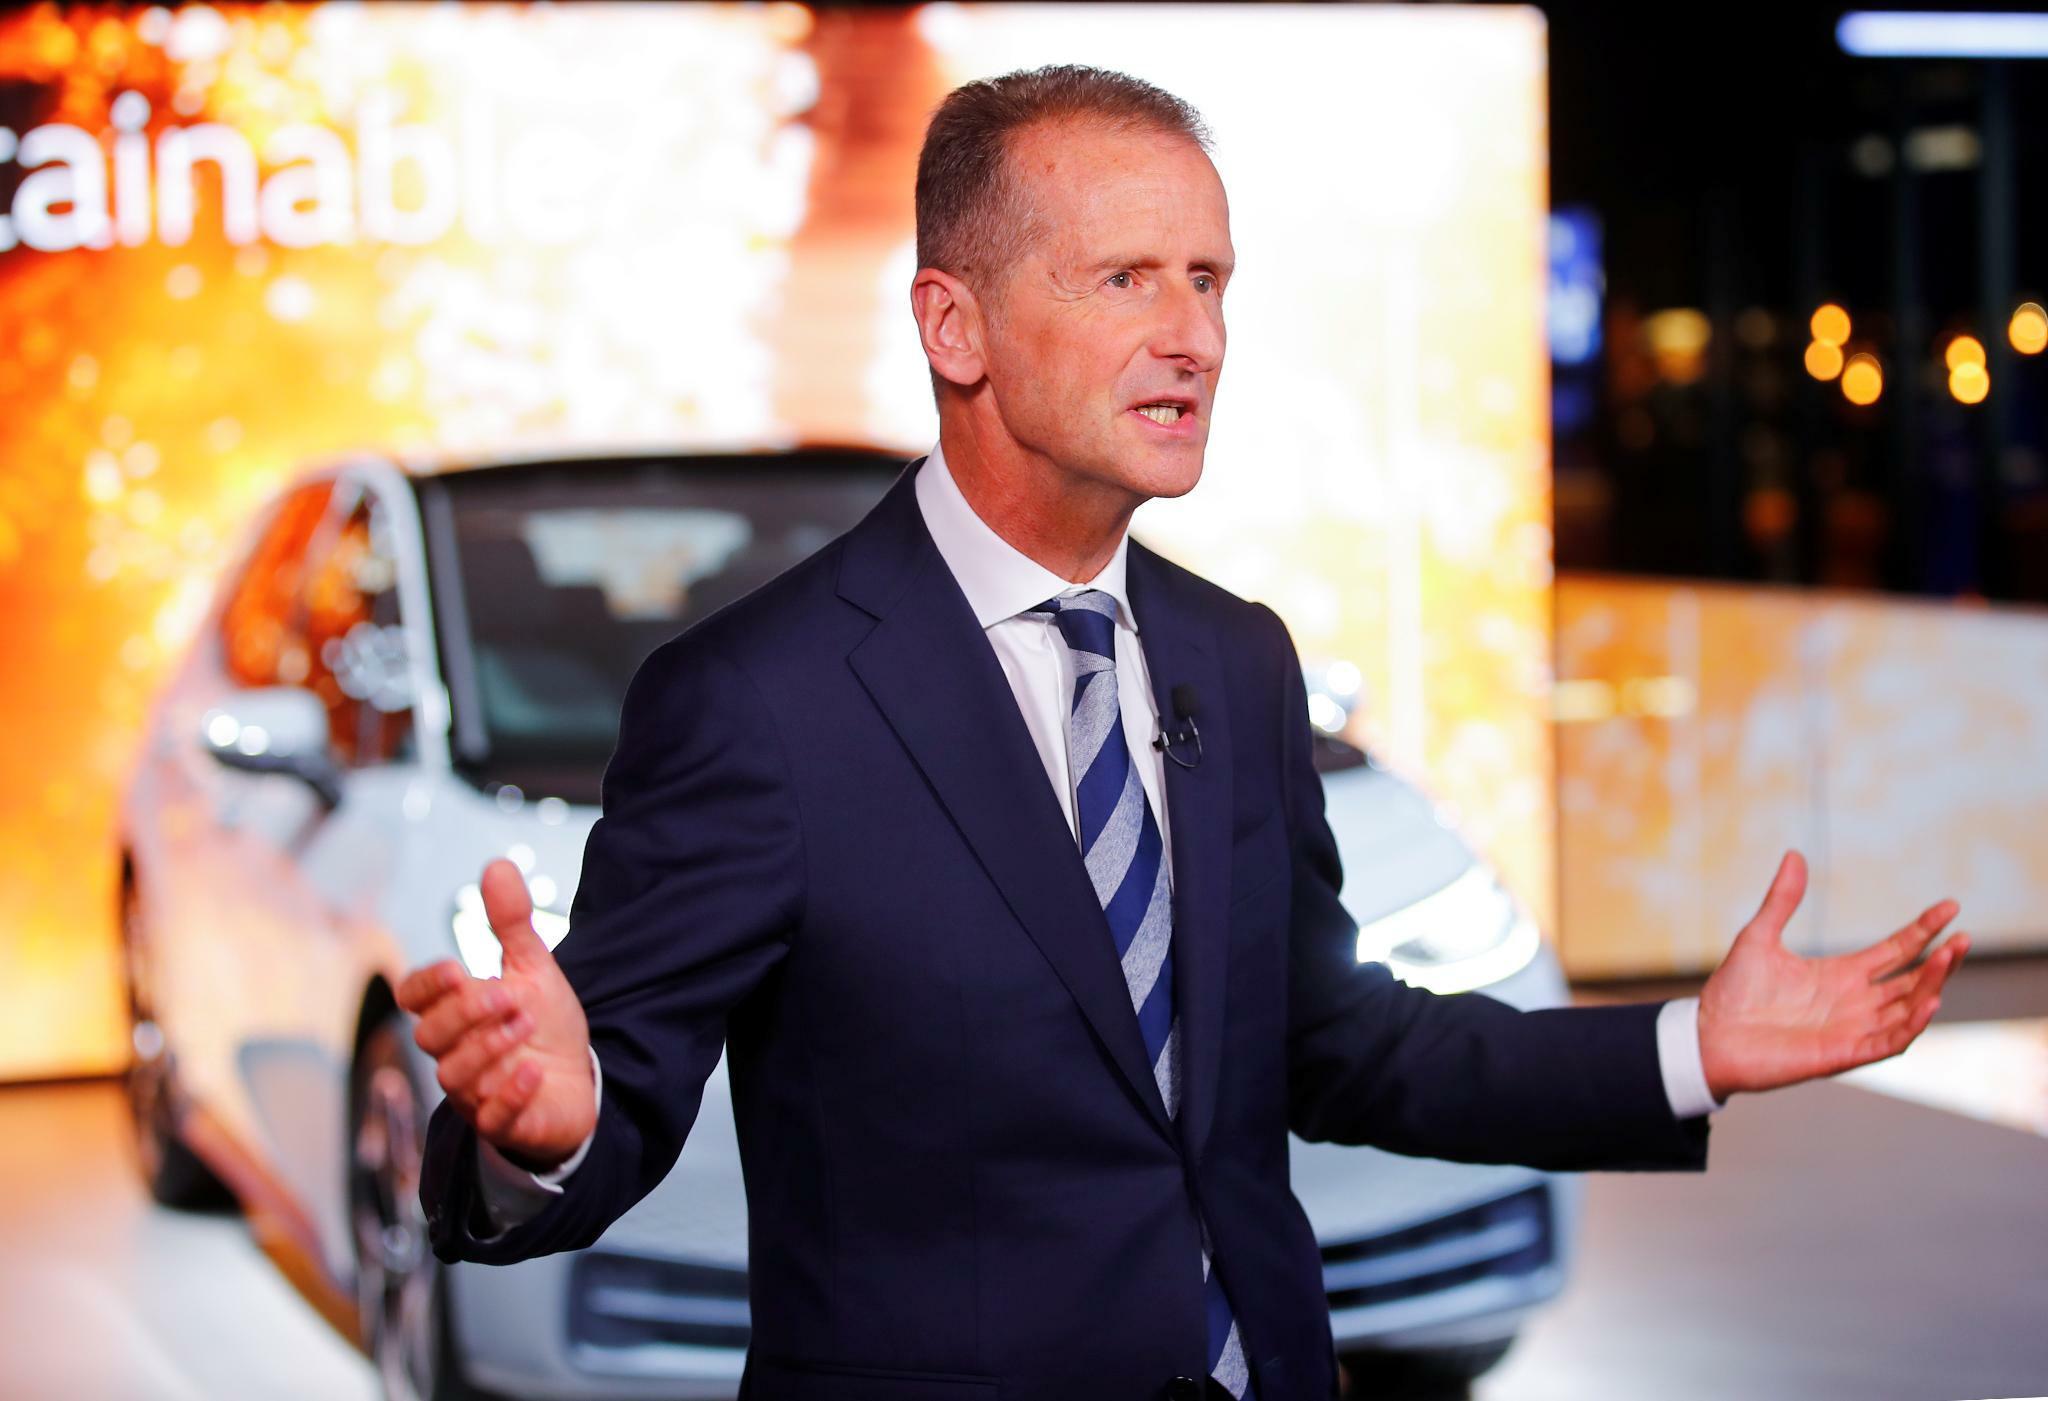 Aktivistin Velo gegen VW-Chef Diess – Streitgespräch ohne Sieger